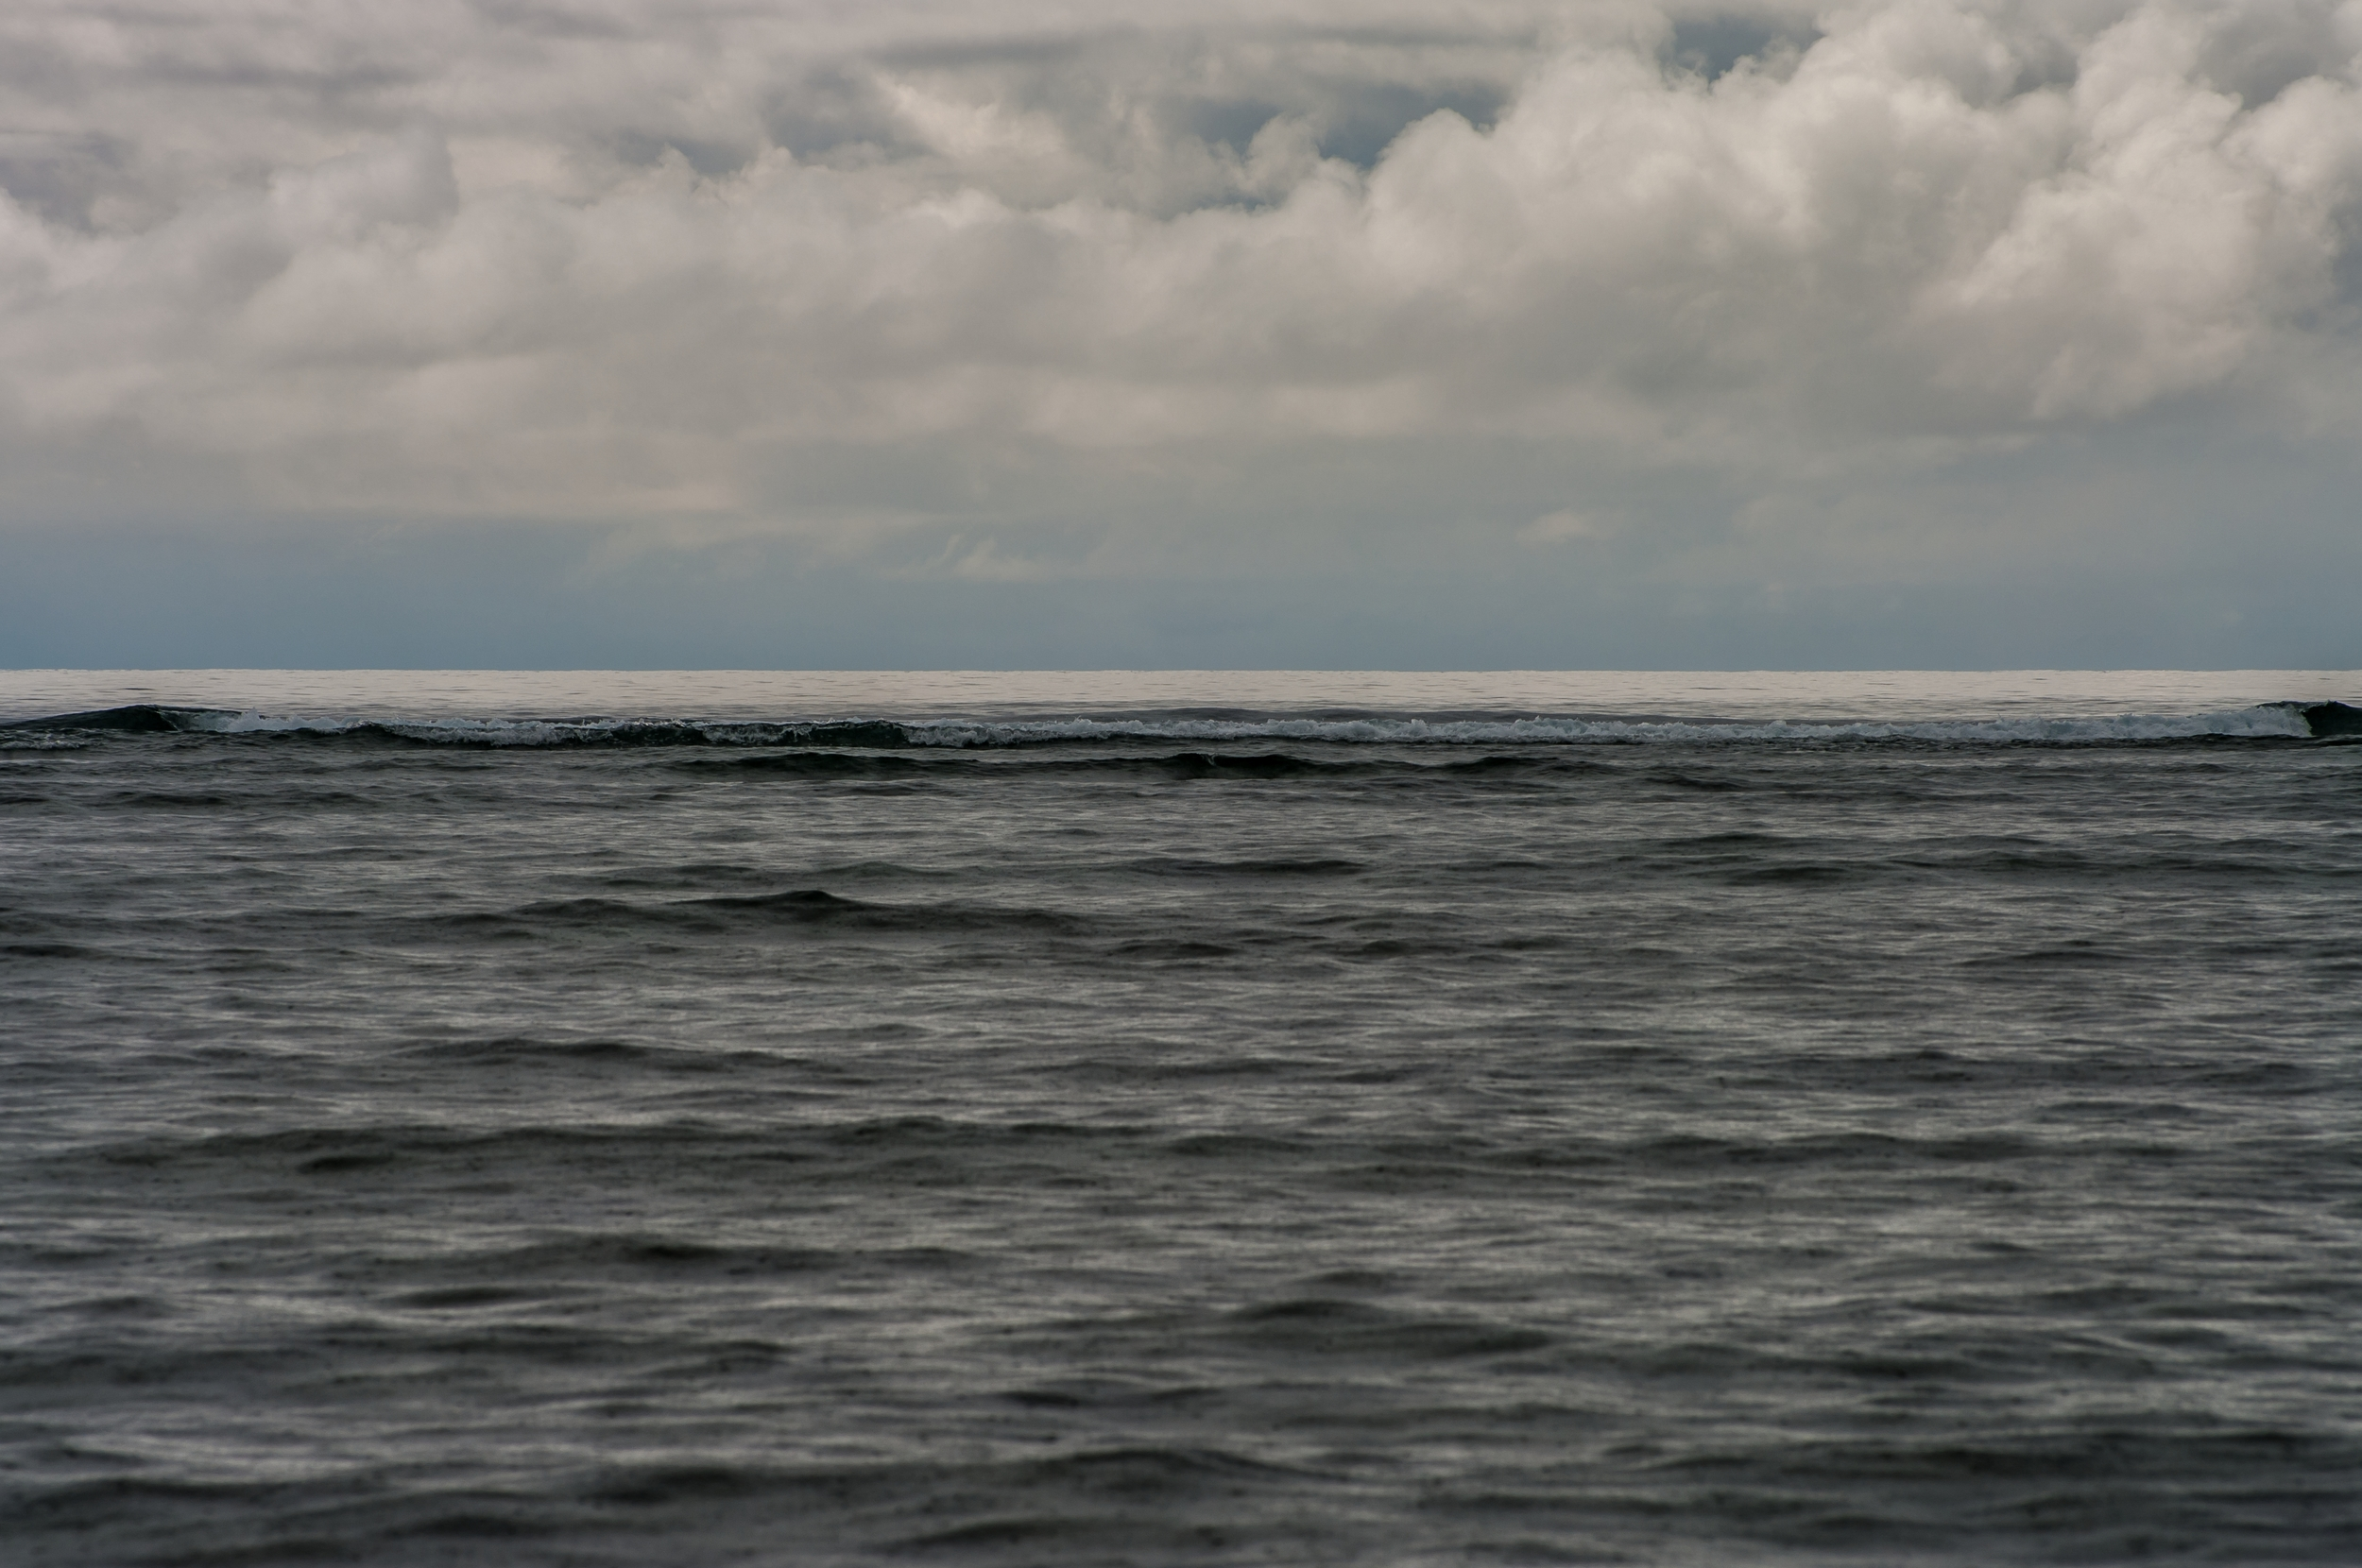 URIPIV ISLAND, VANUATU